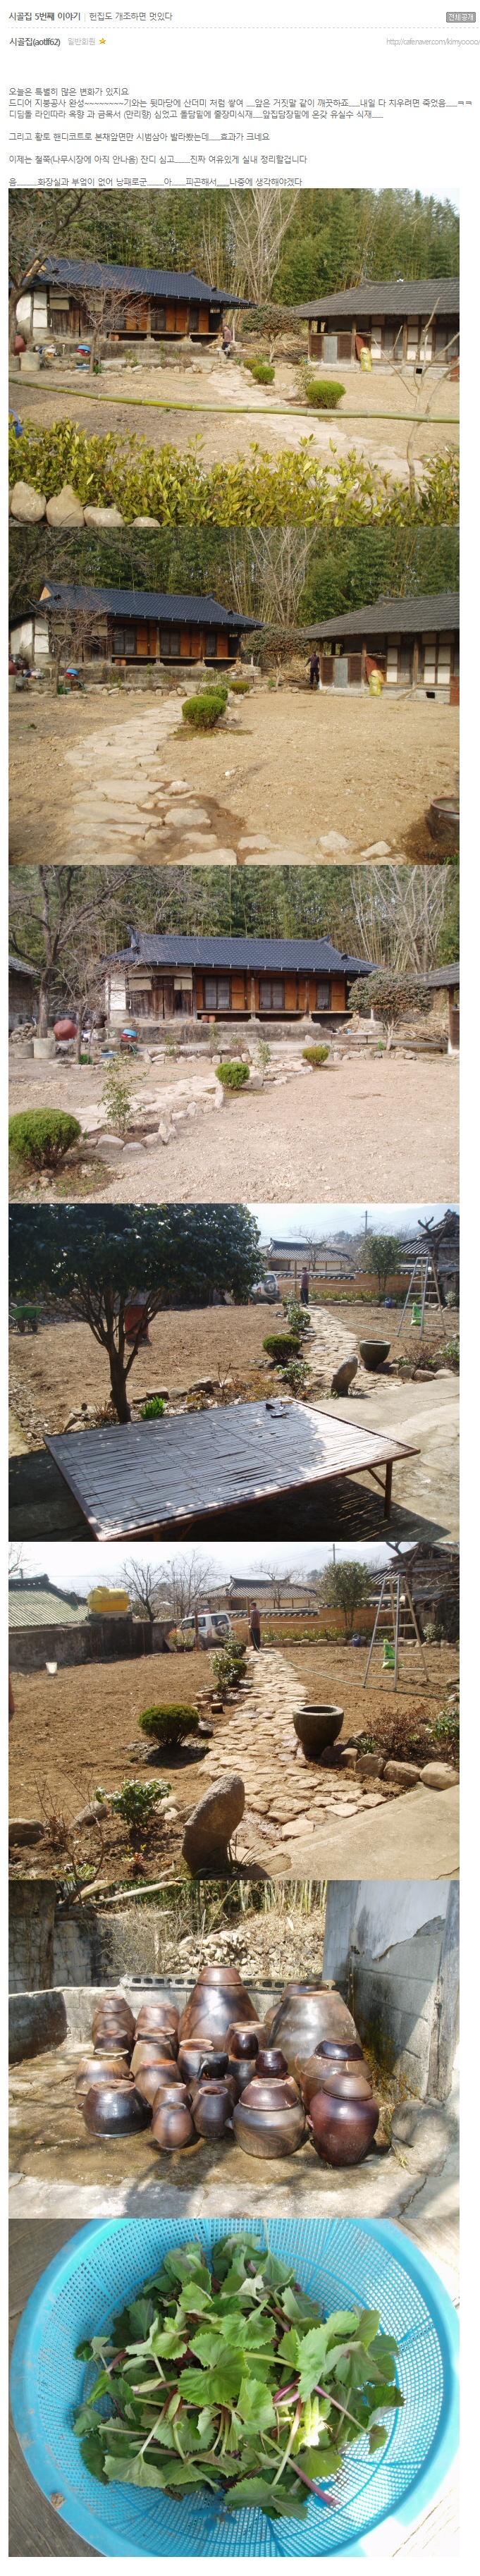 [헌집도 개조하면 멋있다] 시골집 다섯번째 이야기  [출처: http://cafe.naver.com/kimyoooo]